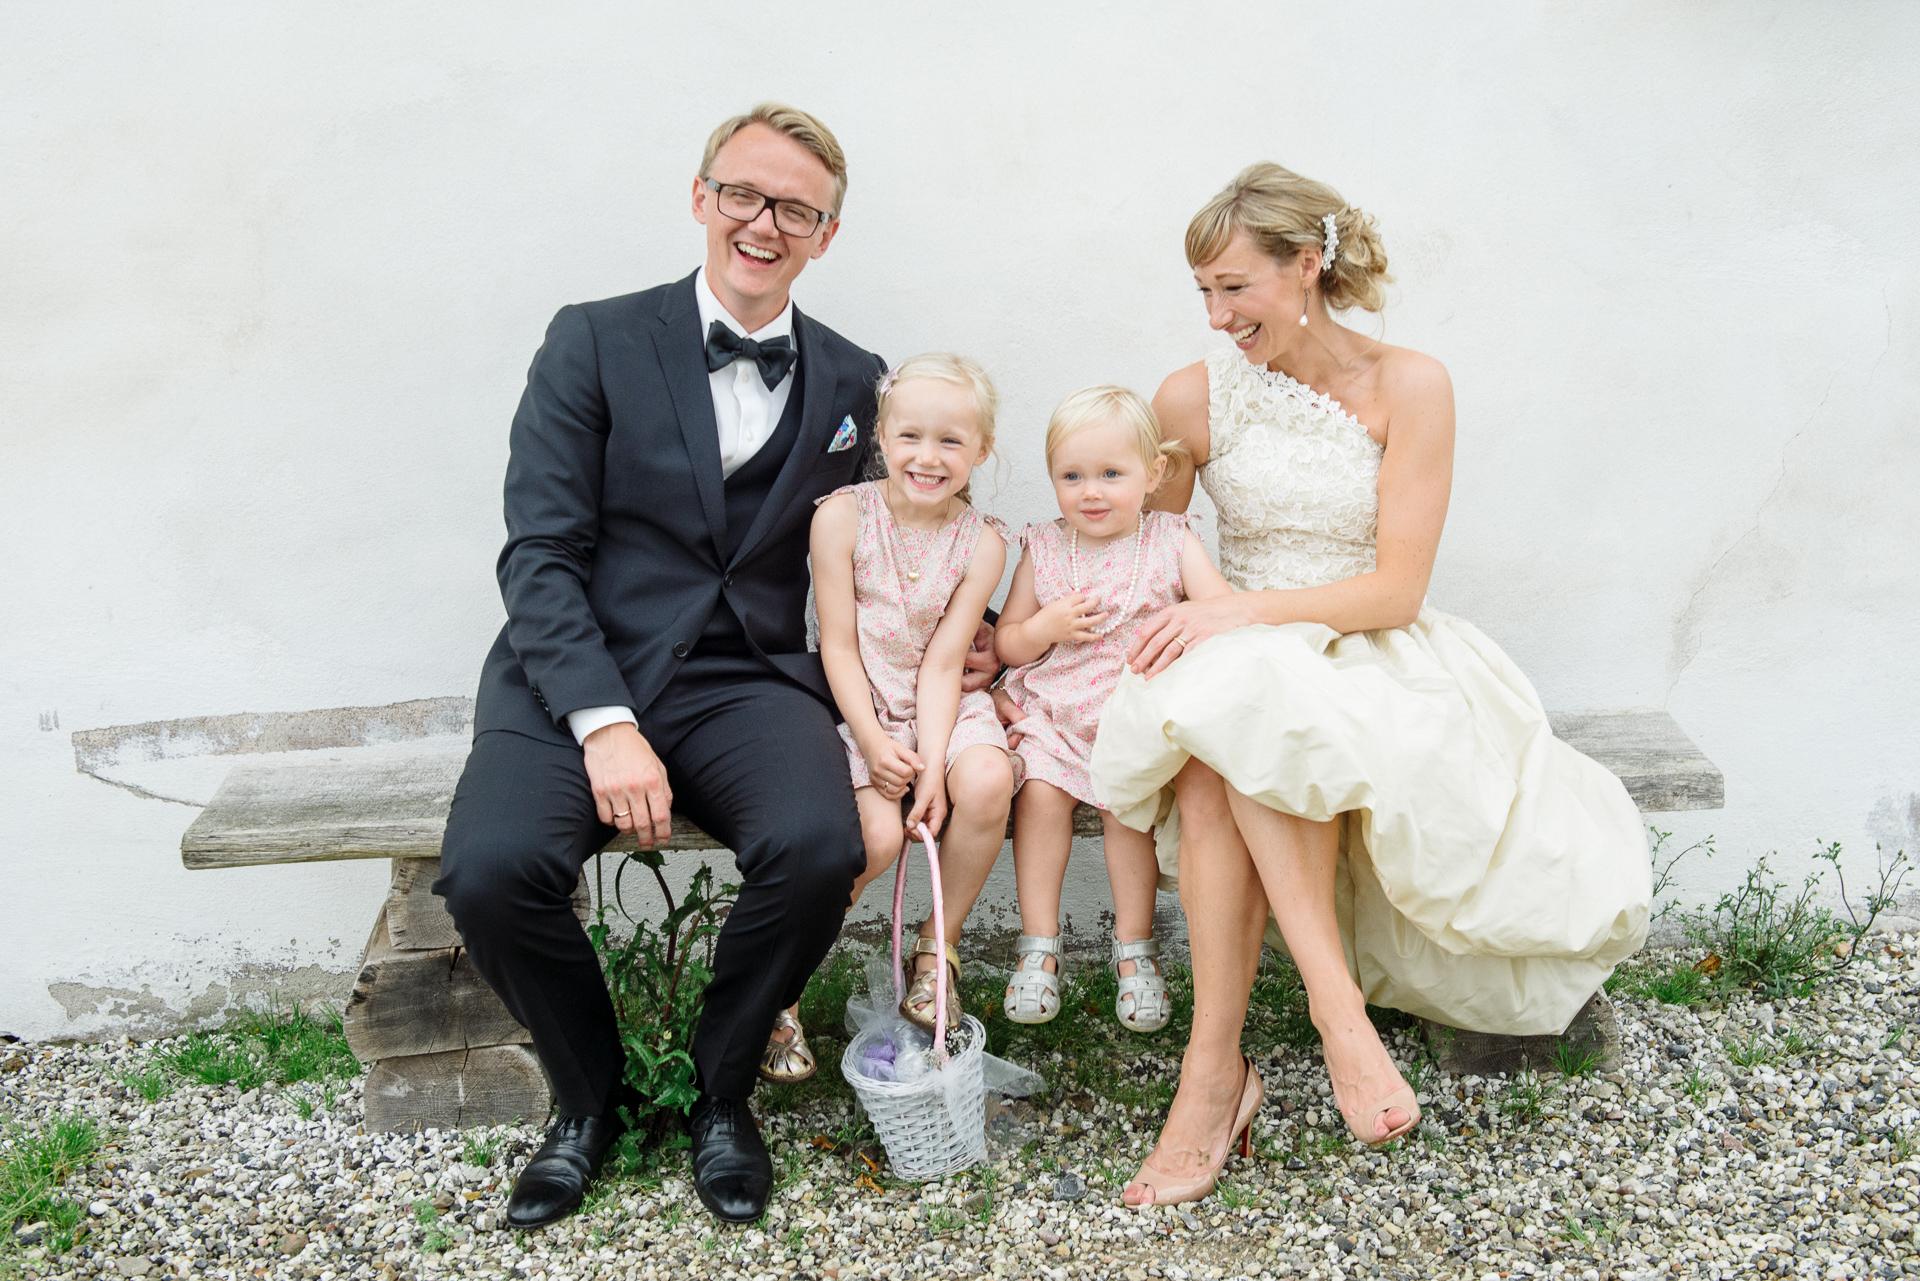 bryllup-wedding-jomfruens-egede-AK-Christian_43